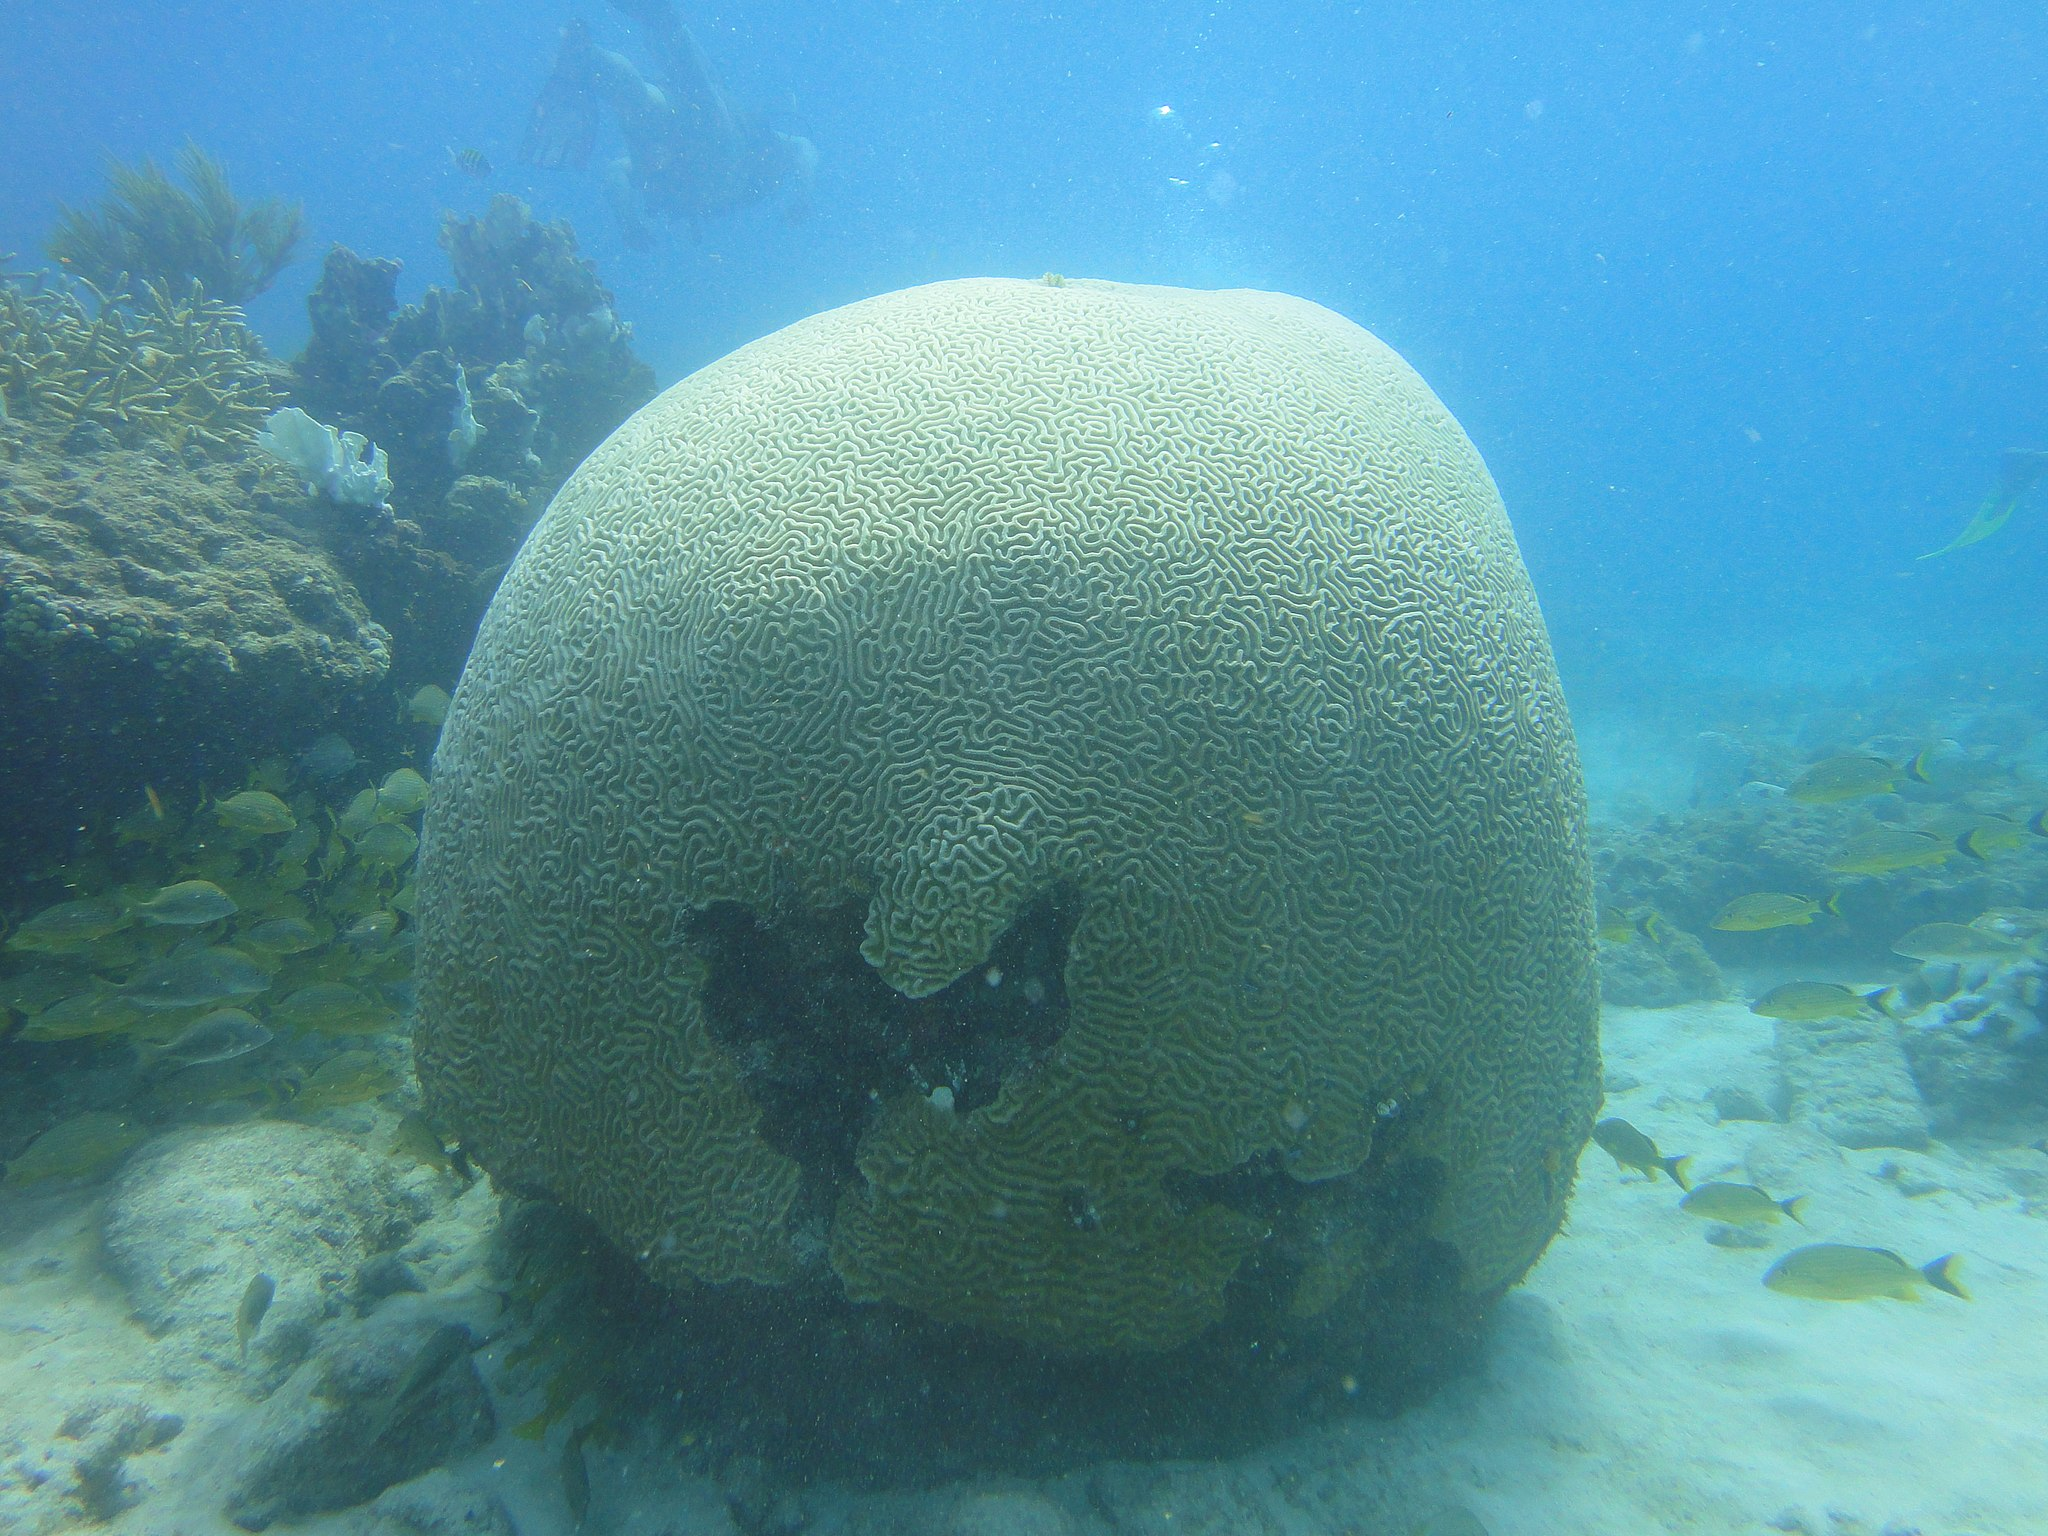 Gehirnkoralle im Pickles Reef vor Key Largo